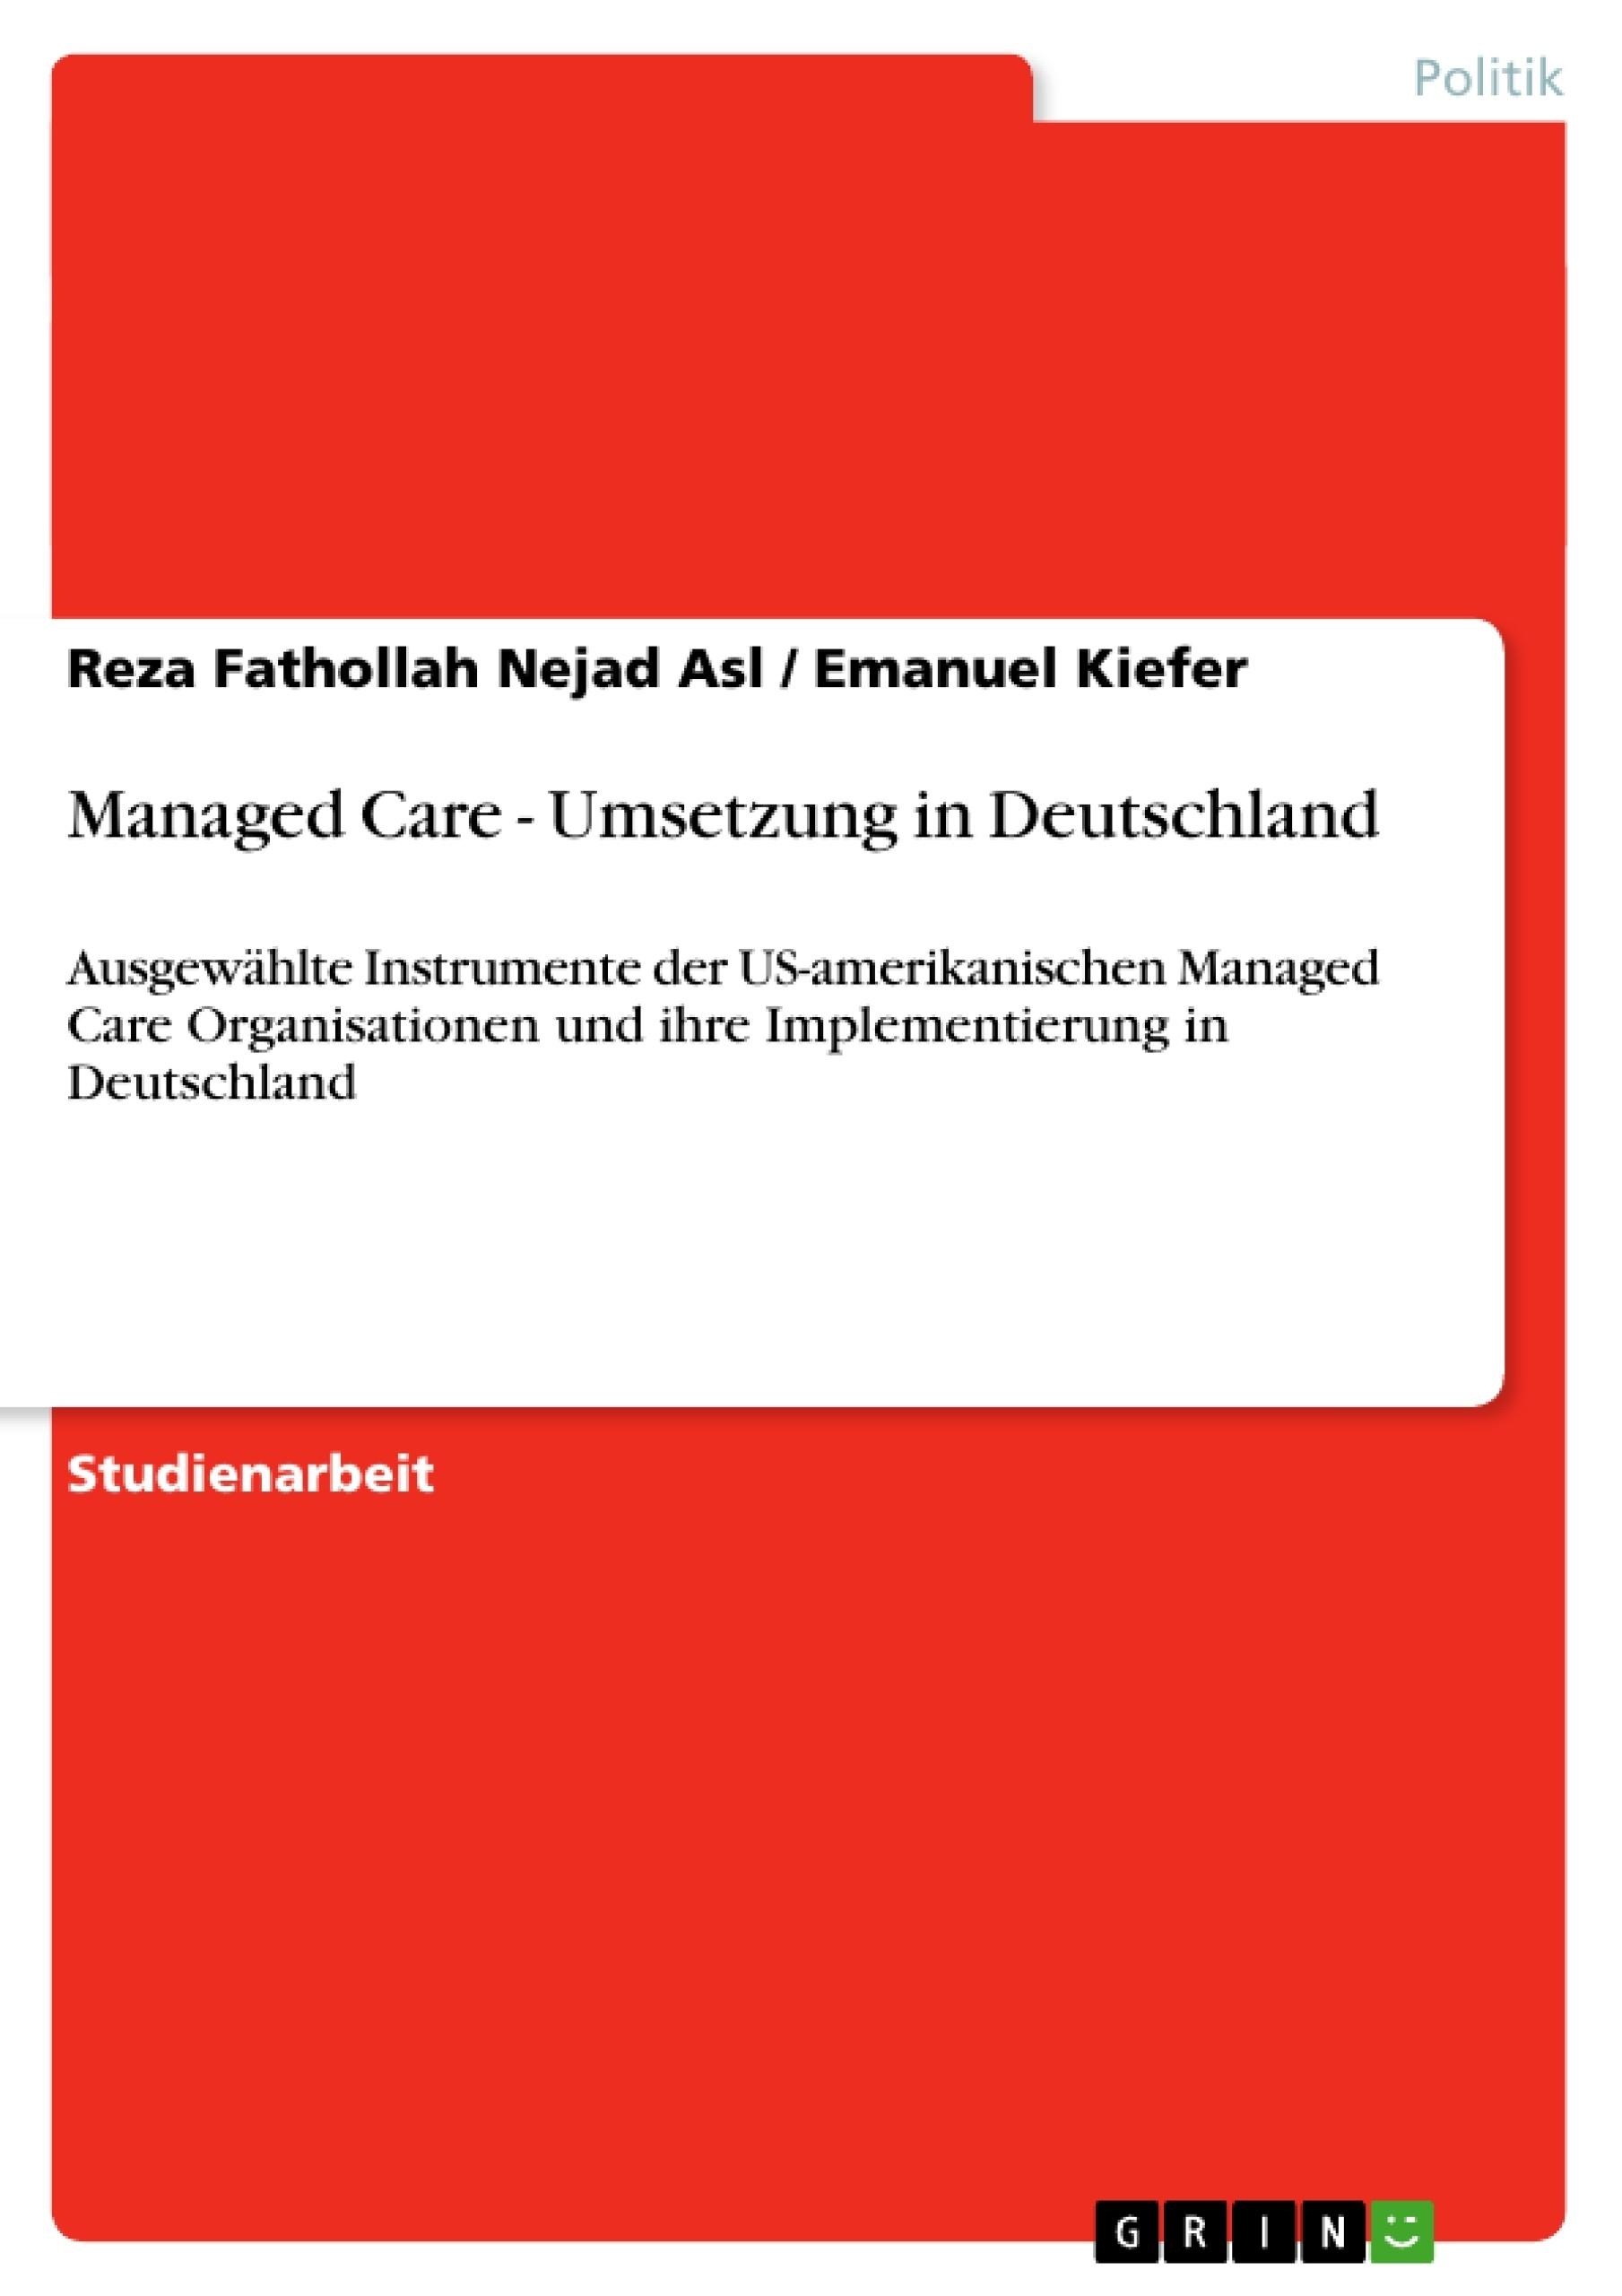 Titel: Managed Care - Umsetzung in Deutschland